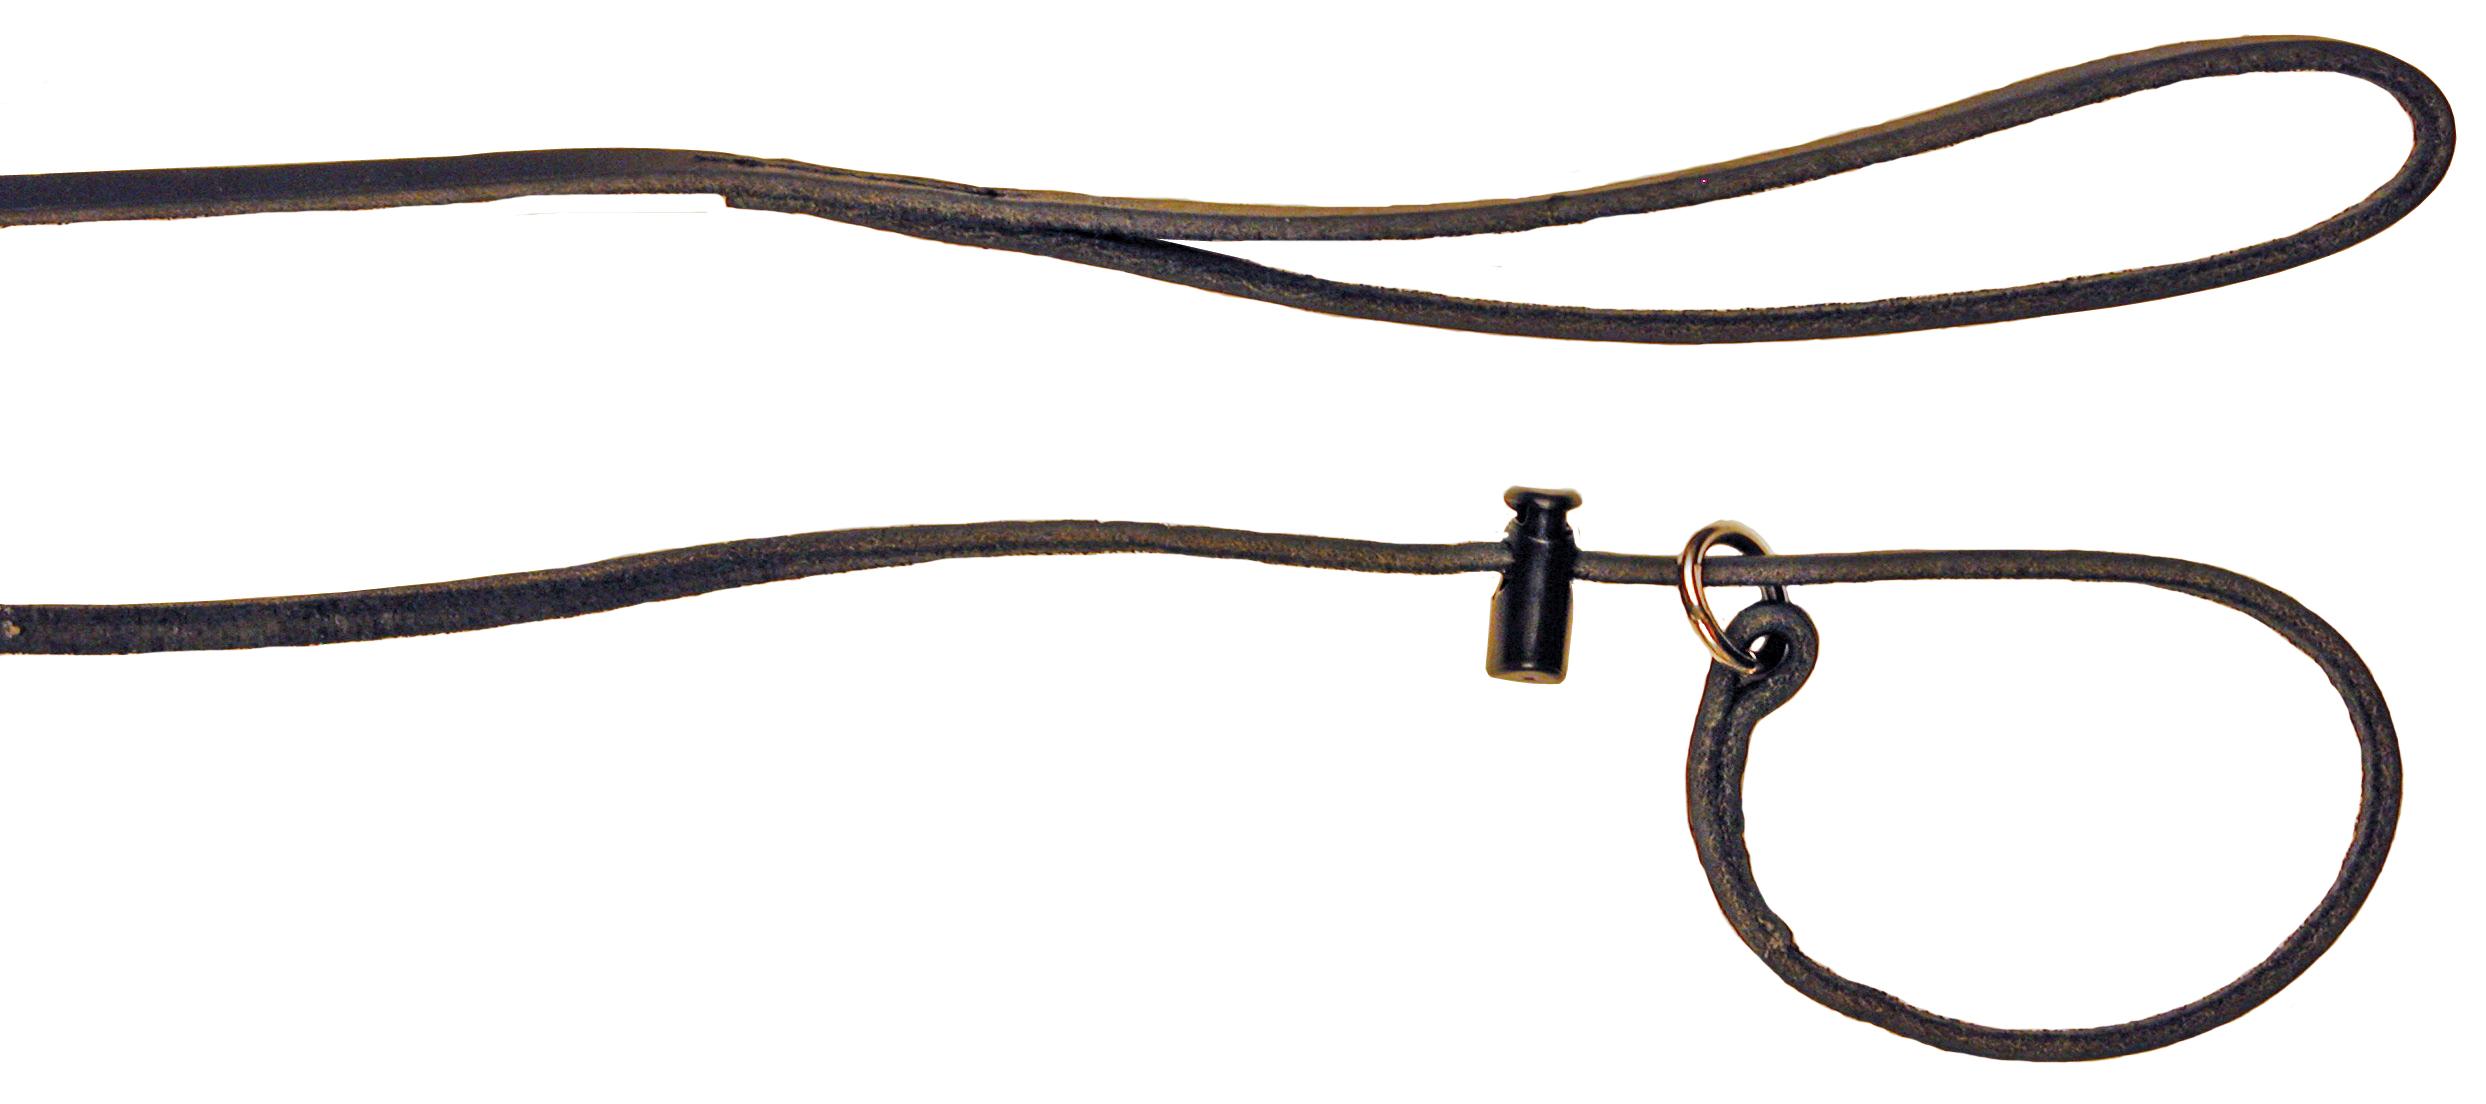 Alac Utställningskoppel läder 160cm